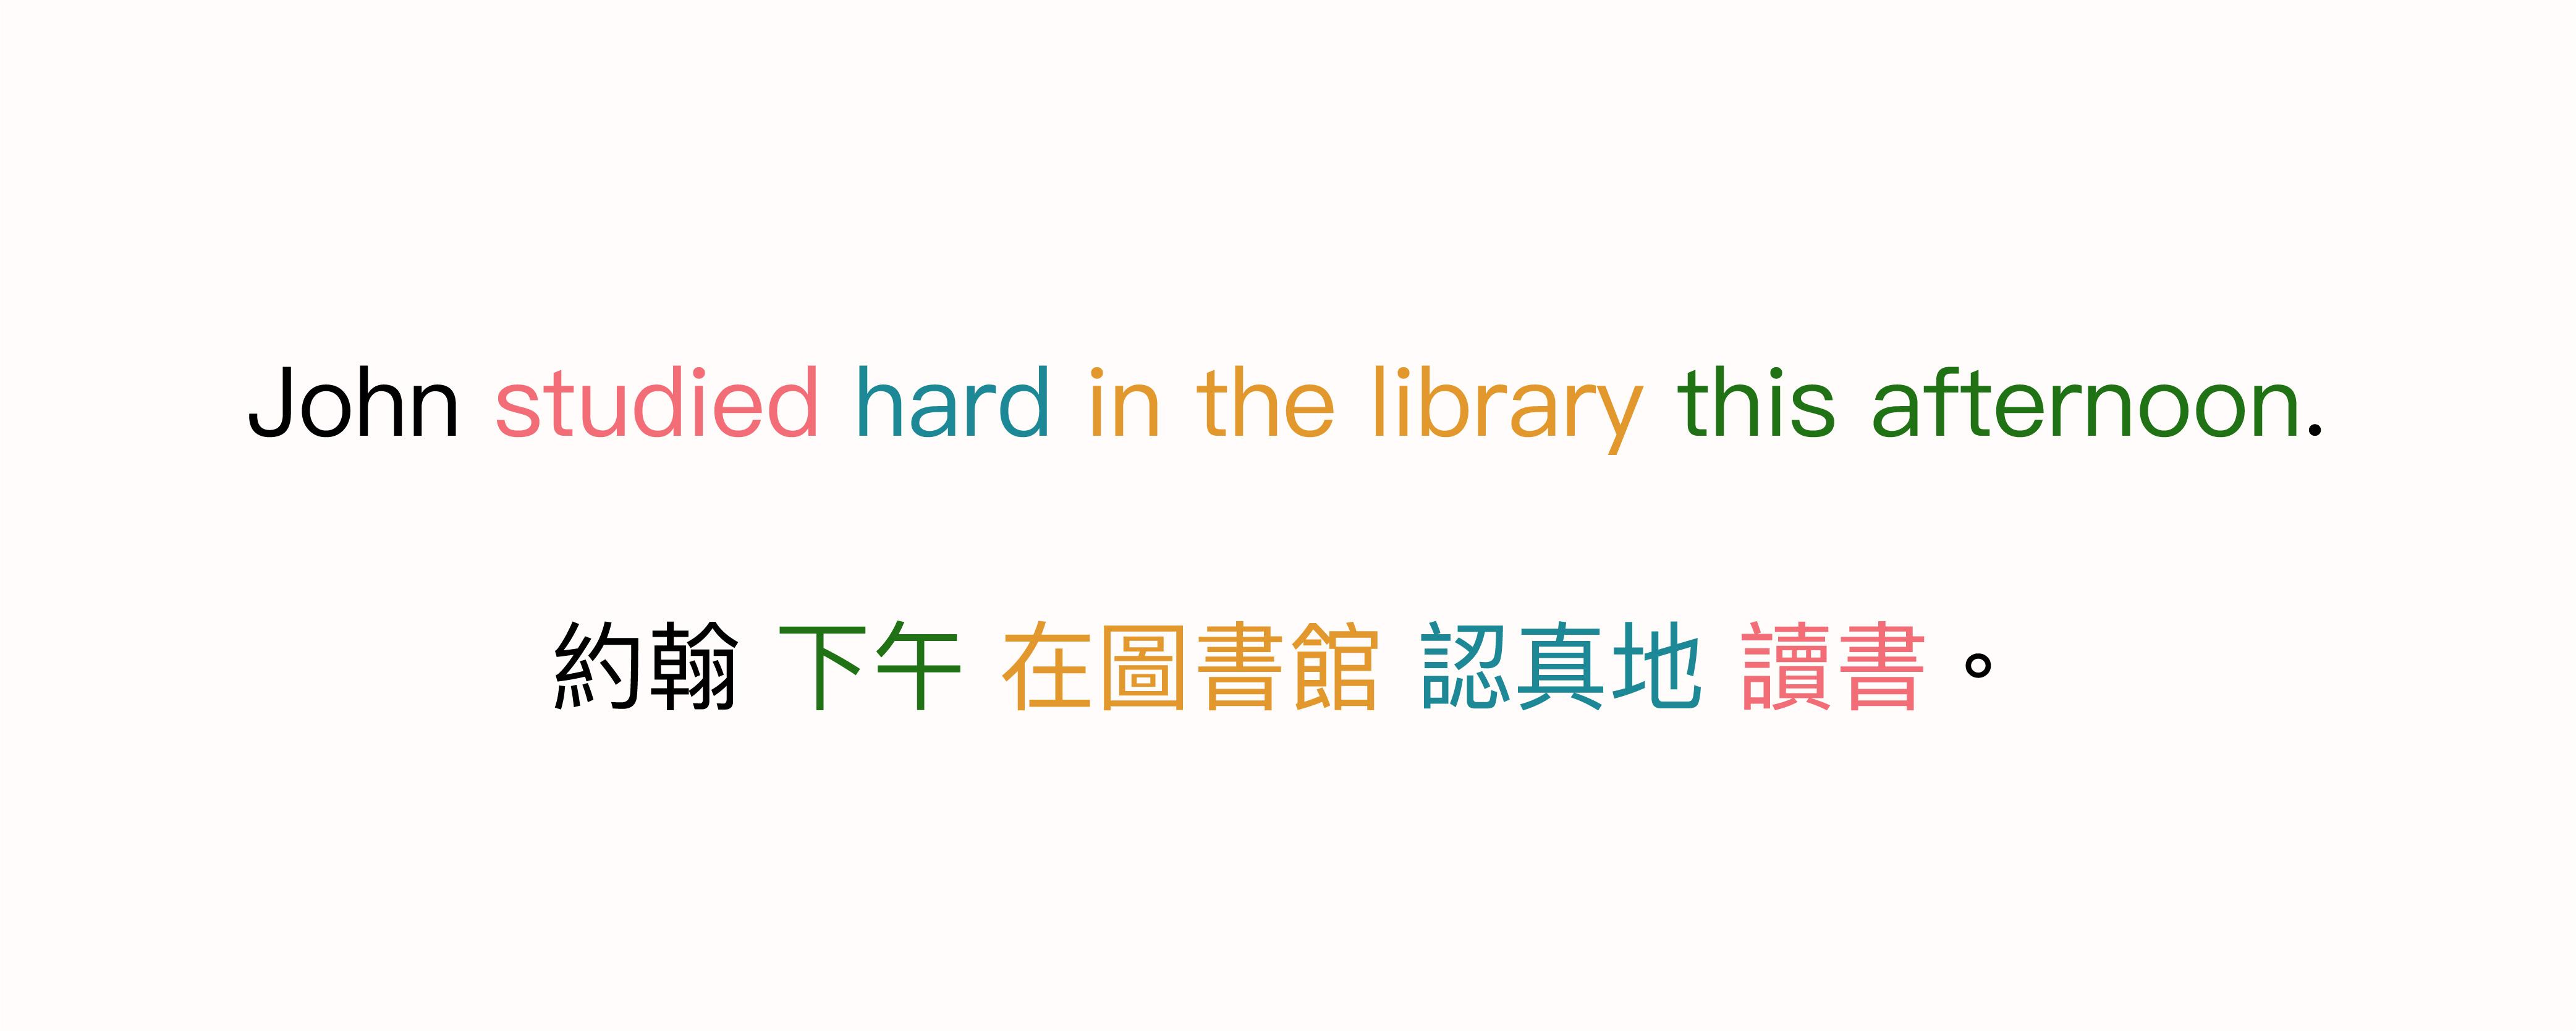 中英文句法結構的對照,同意義的字詞以相同顏色顯示,可以比對出句法的結構順序。圖│研之有物